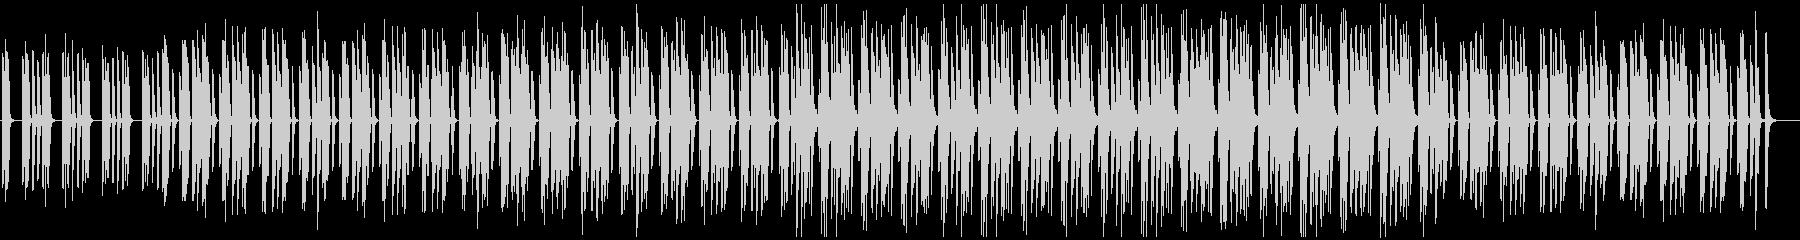 ミニマル・シンプル・ほのぼの・かわいいの未再生の波形